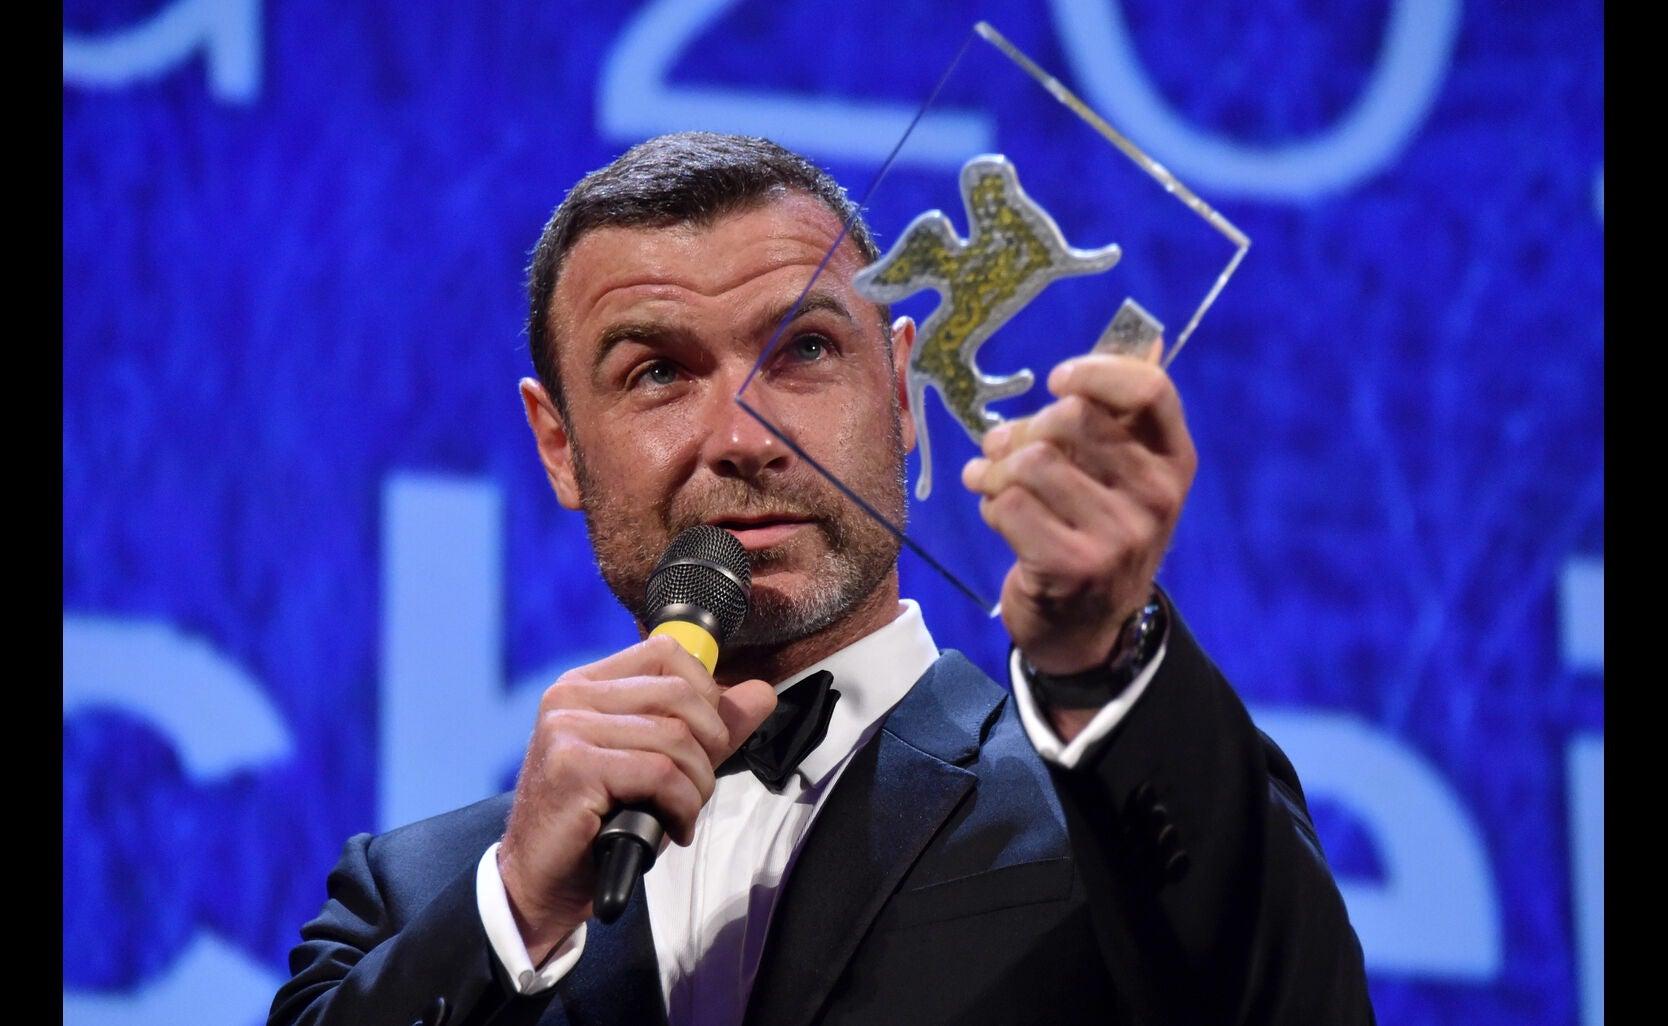 Golden Globe nominee Liev Schreiber